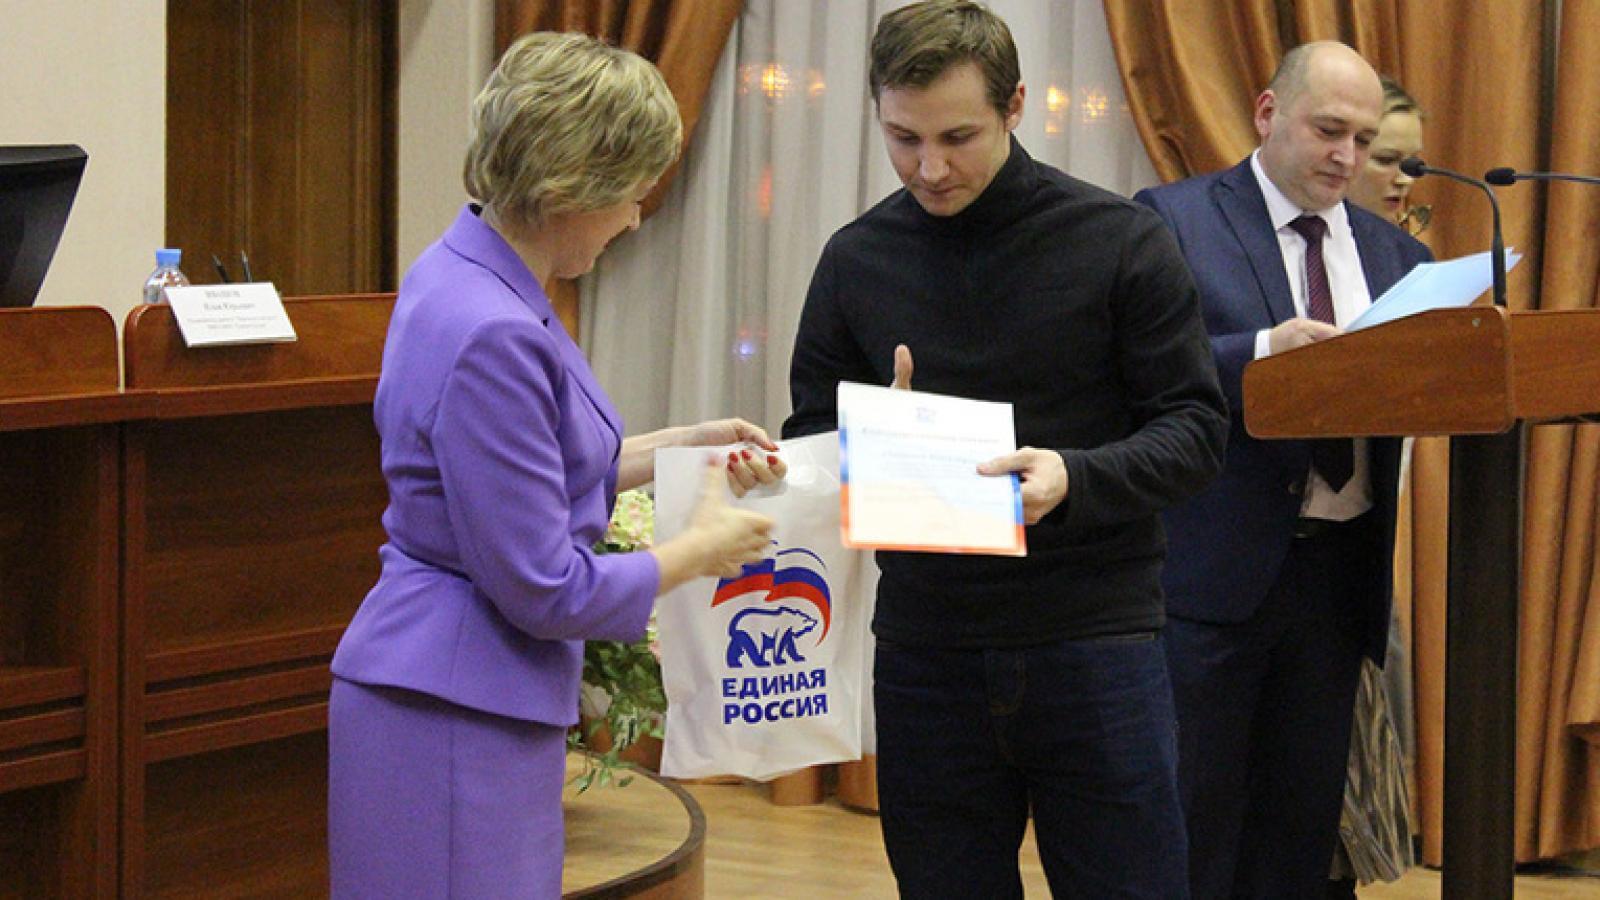 Итоги «Народного контроля» подвели в мэрии Череповца